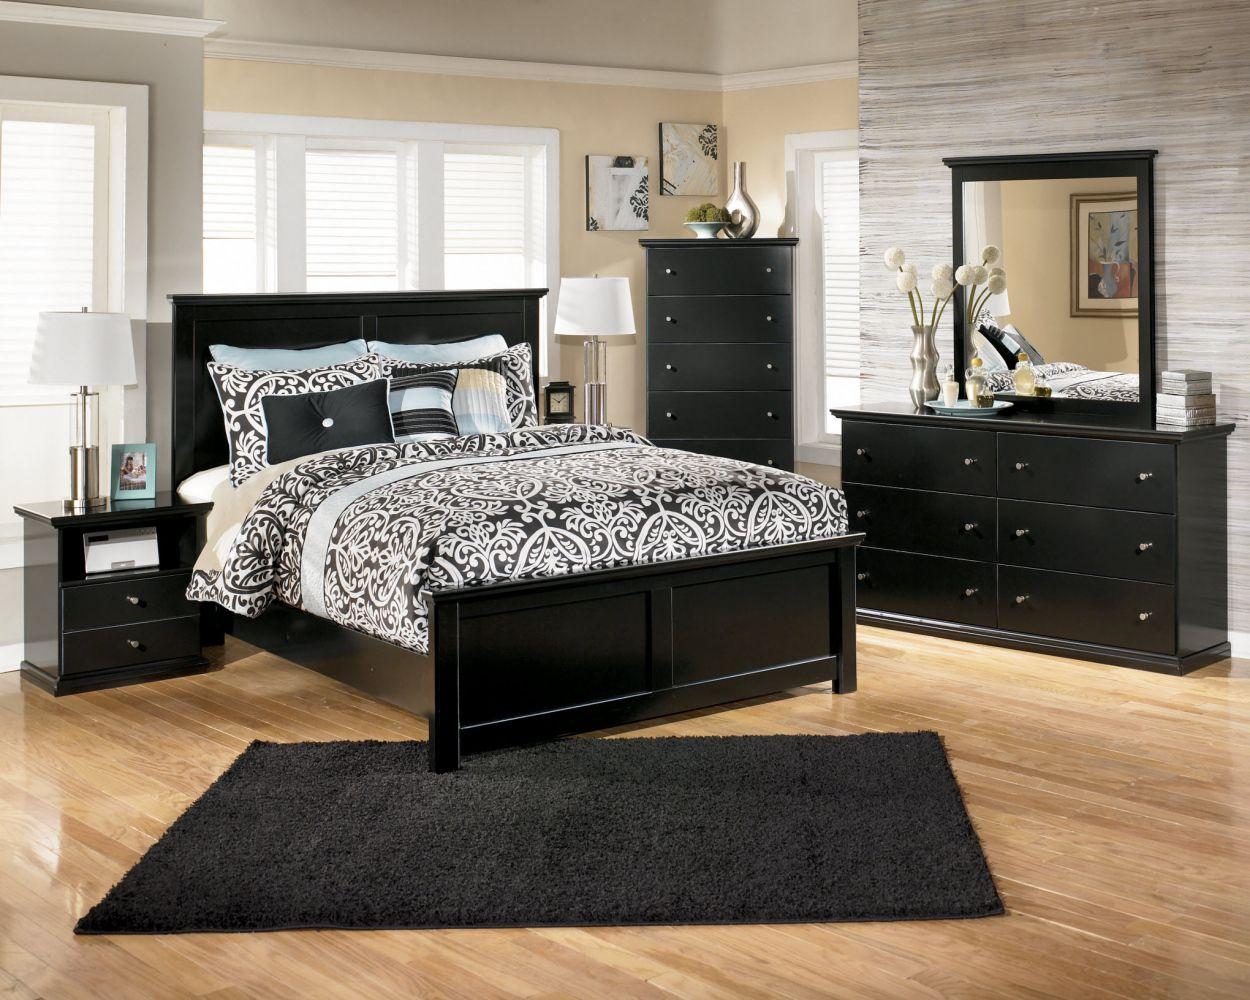 Black Bedroom Furniture Sets Queen - Best Modern Furniture Check ...